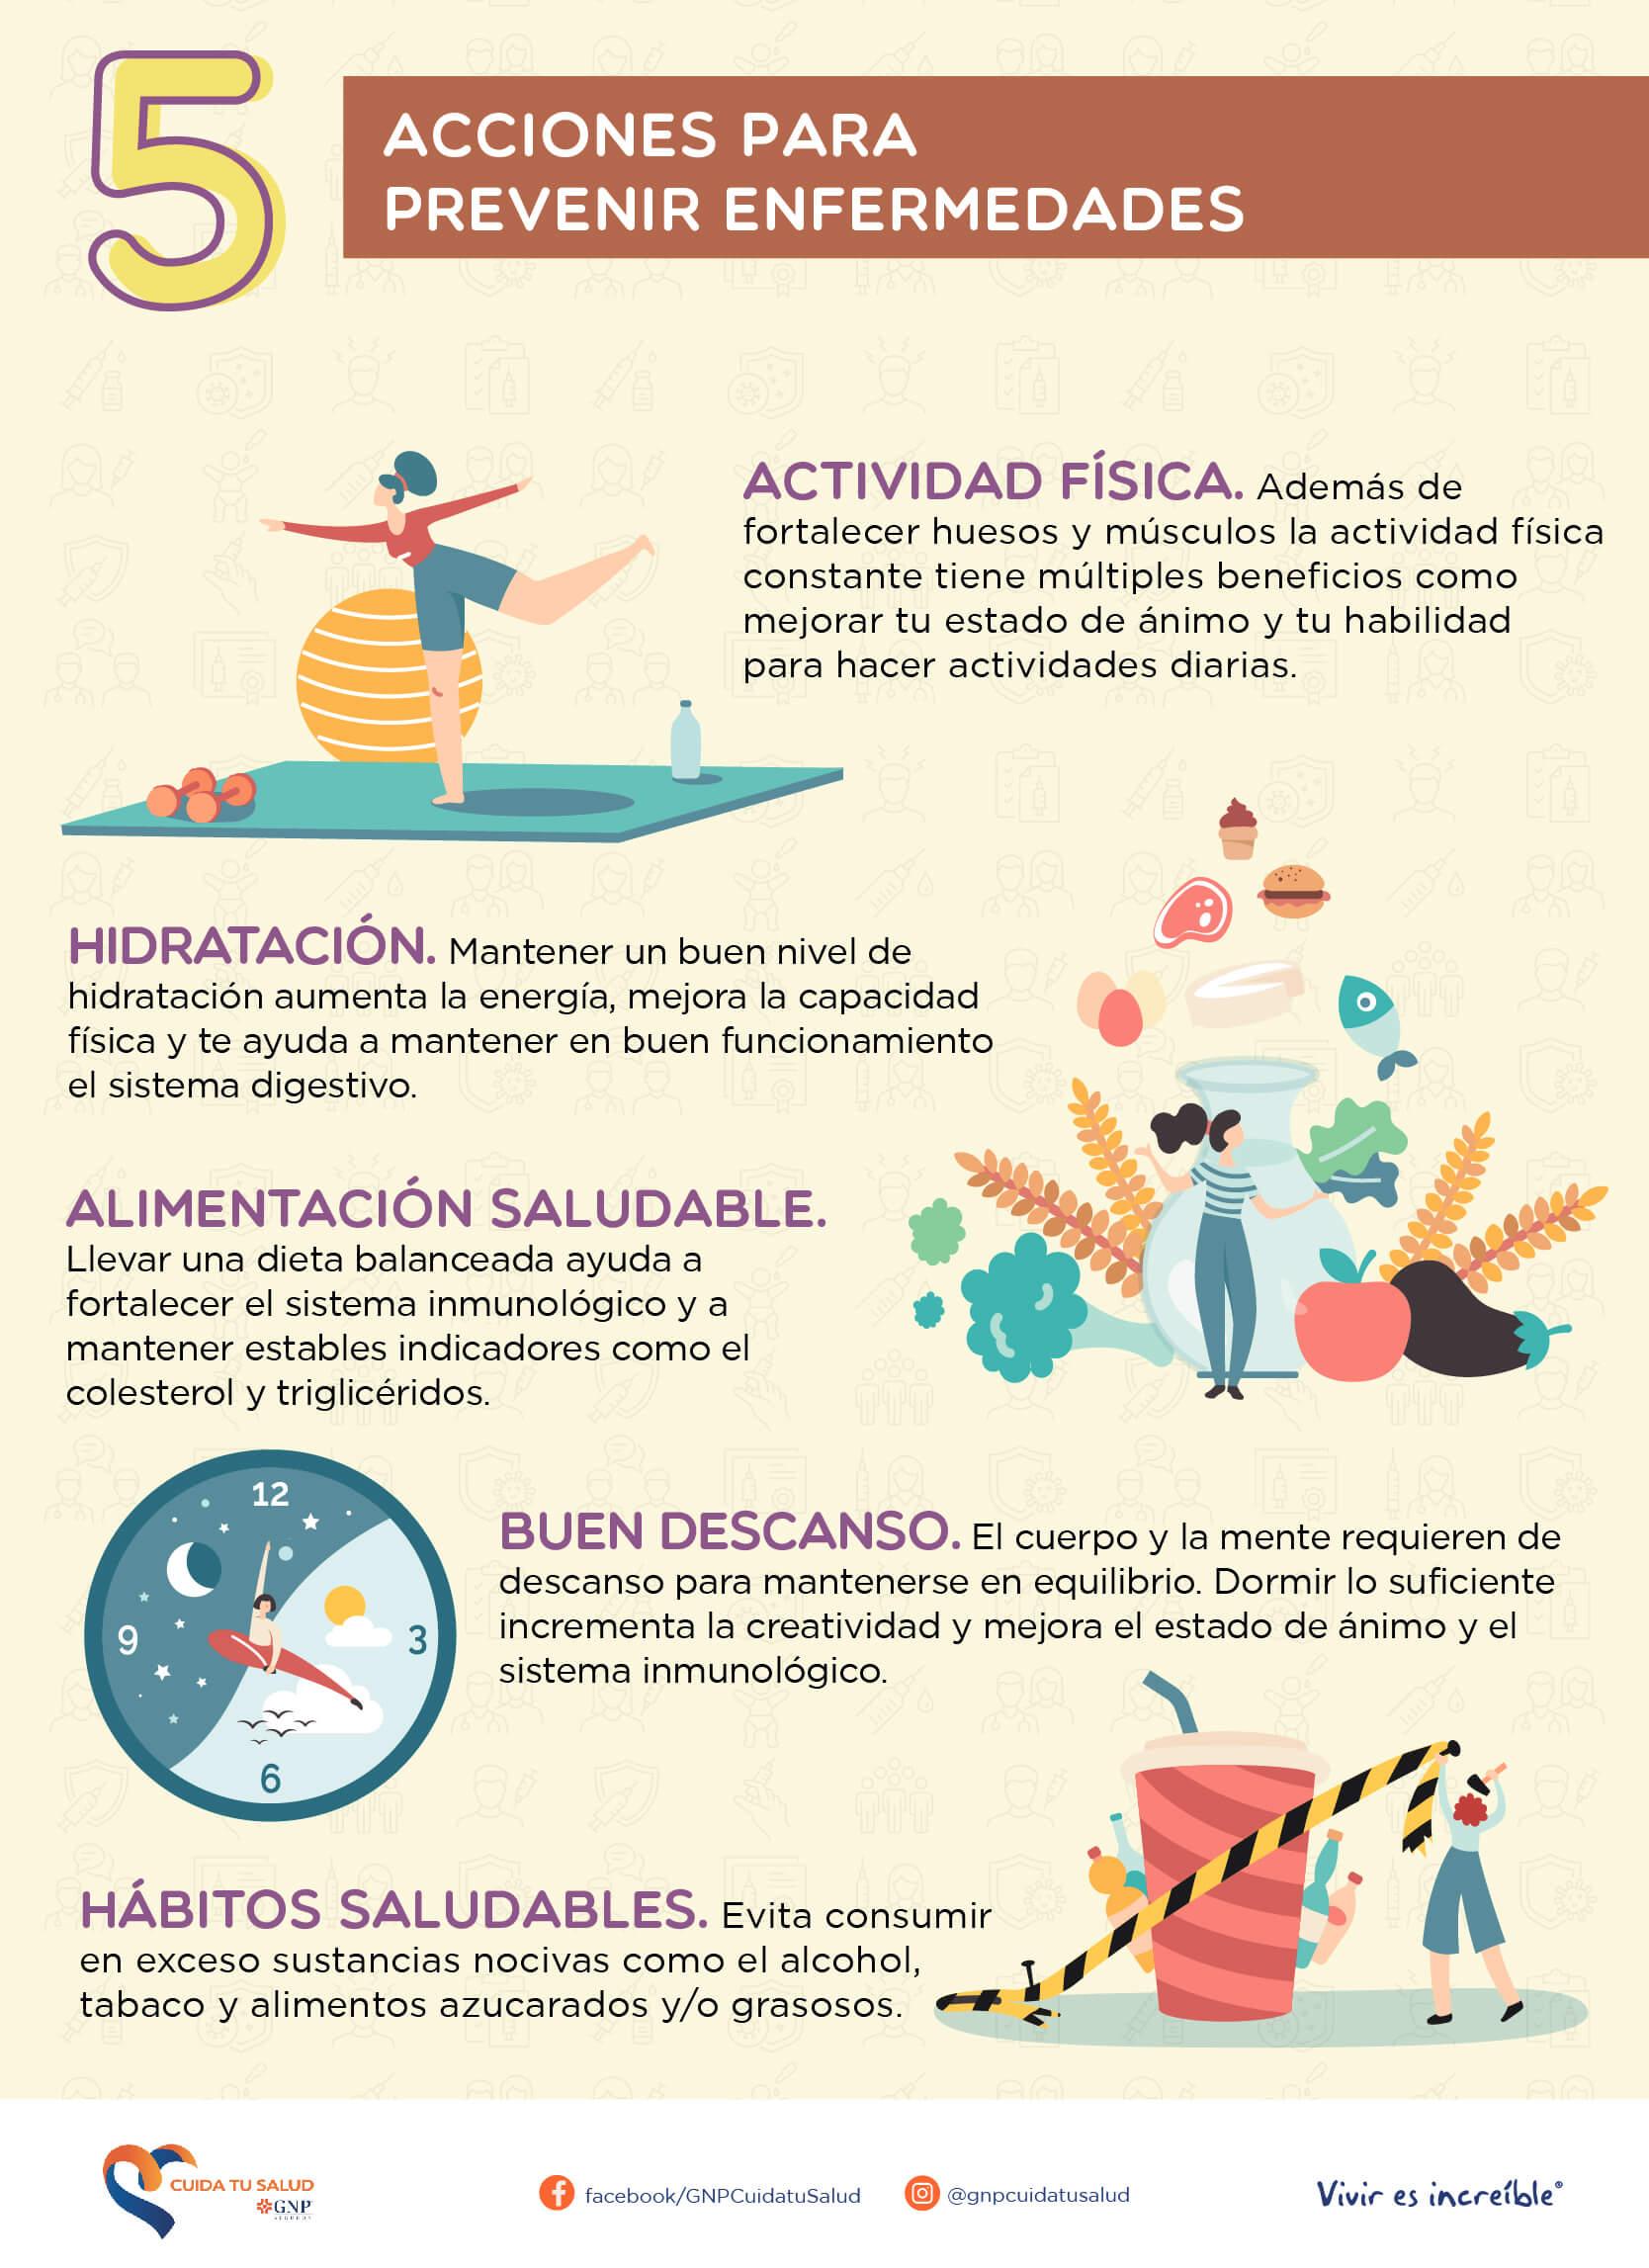 5 acciones para prevenir enfermedades